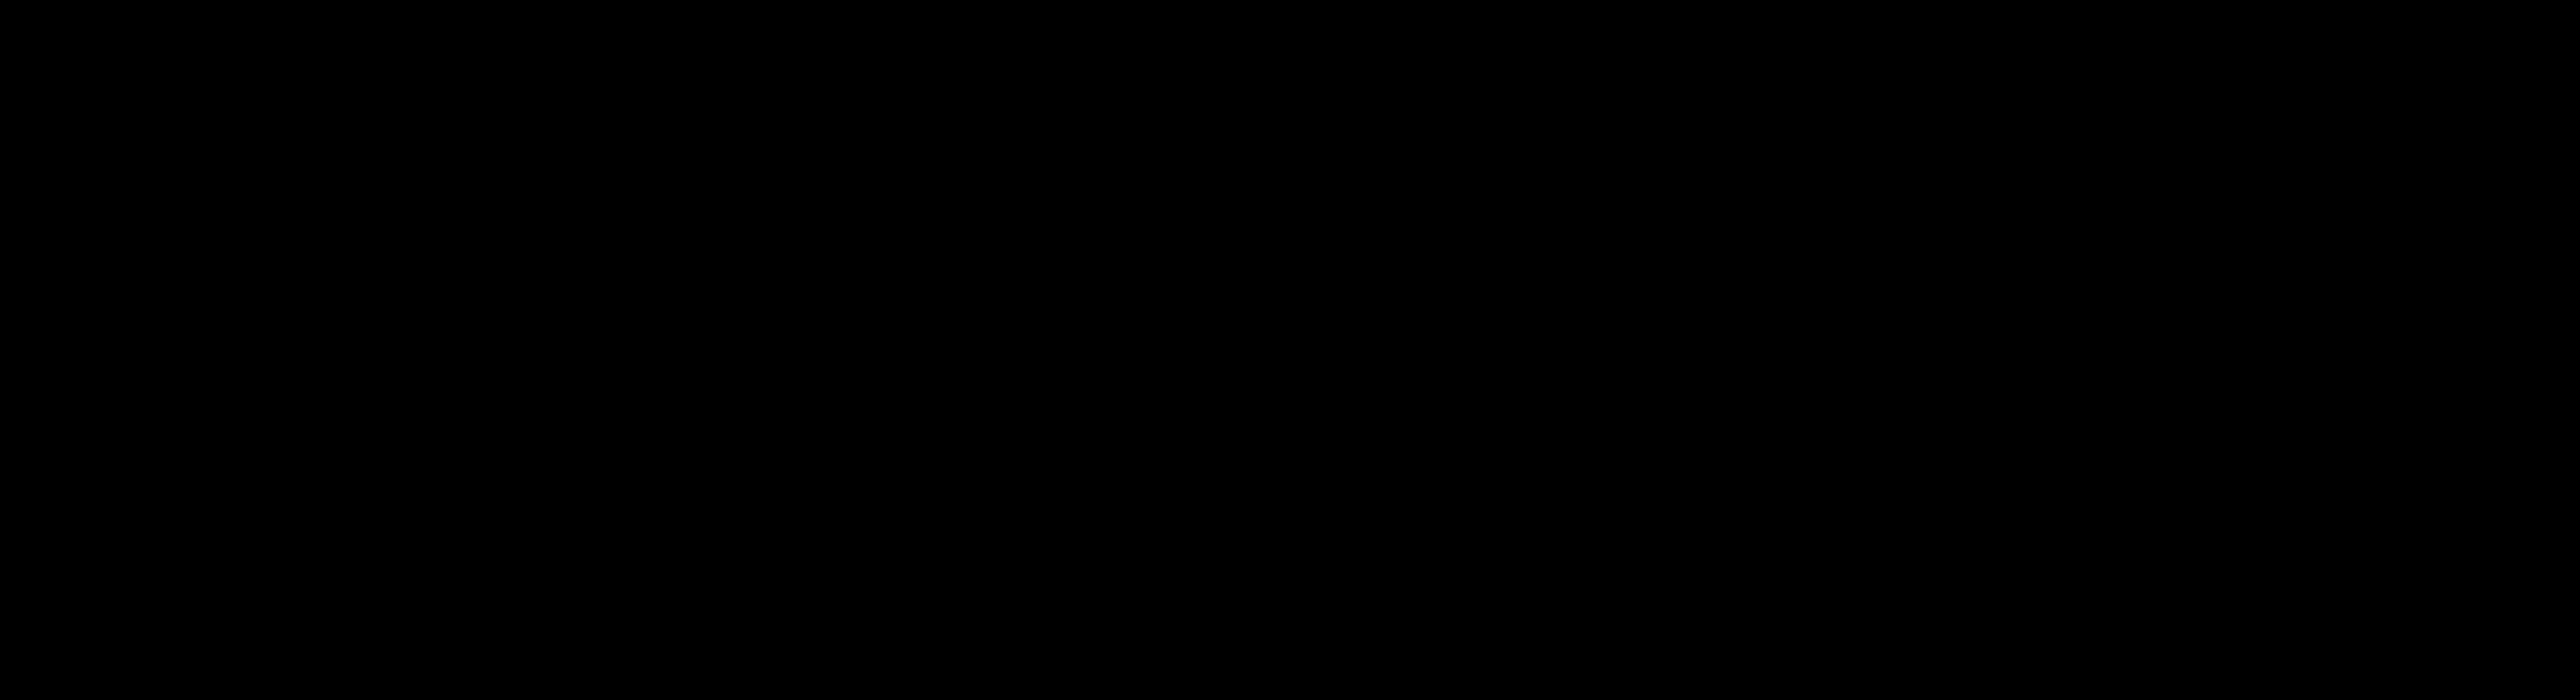 5-[4-(2-{[6-(4-Methoxyphenoxy)pyrimidin-4-yl]methylamino}ethoxy)benzylidene]thiazolidine-2,4-dione